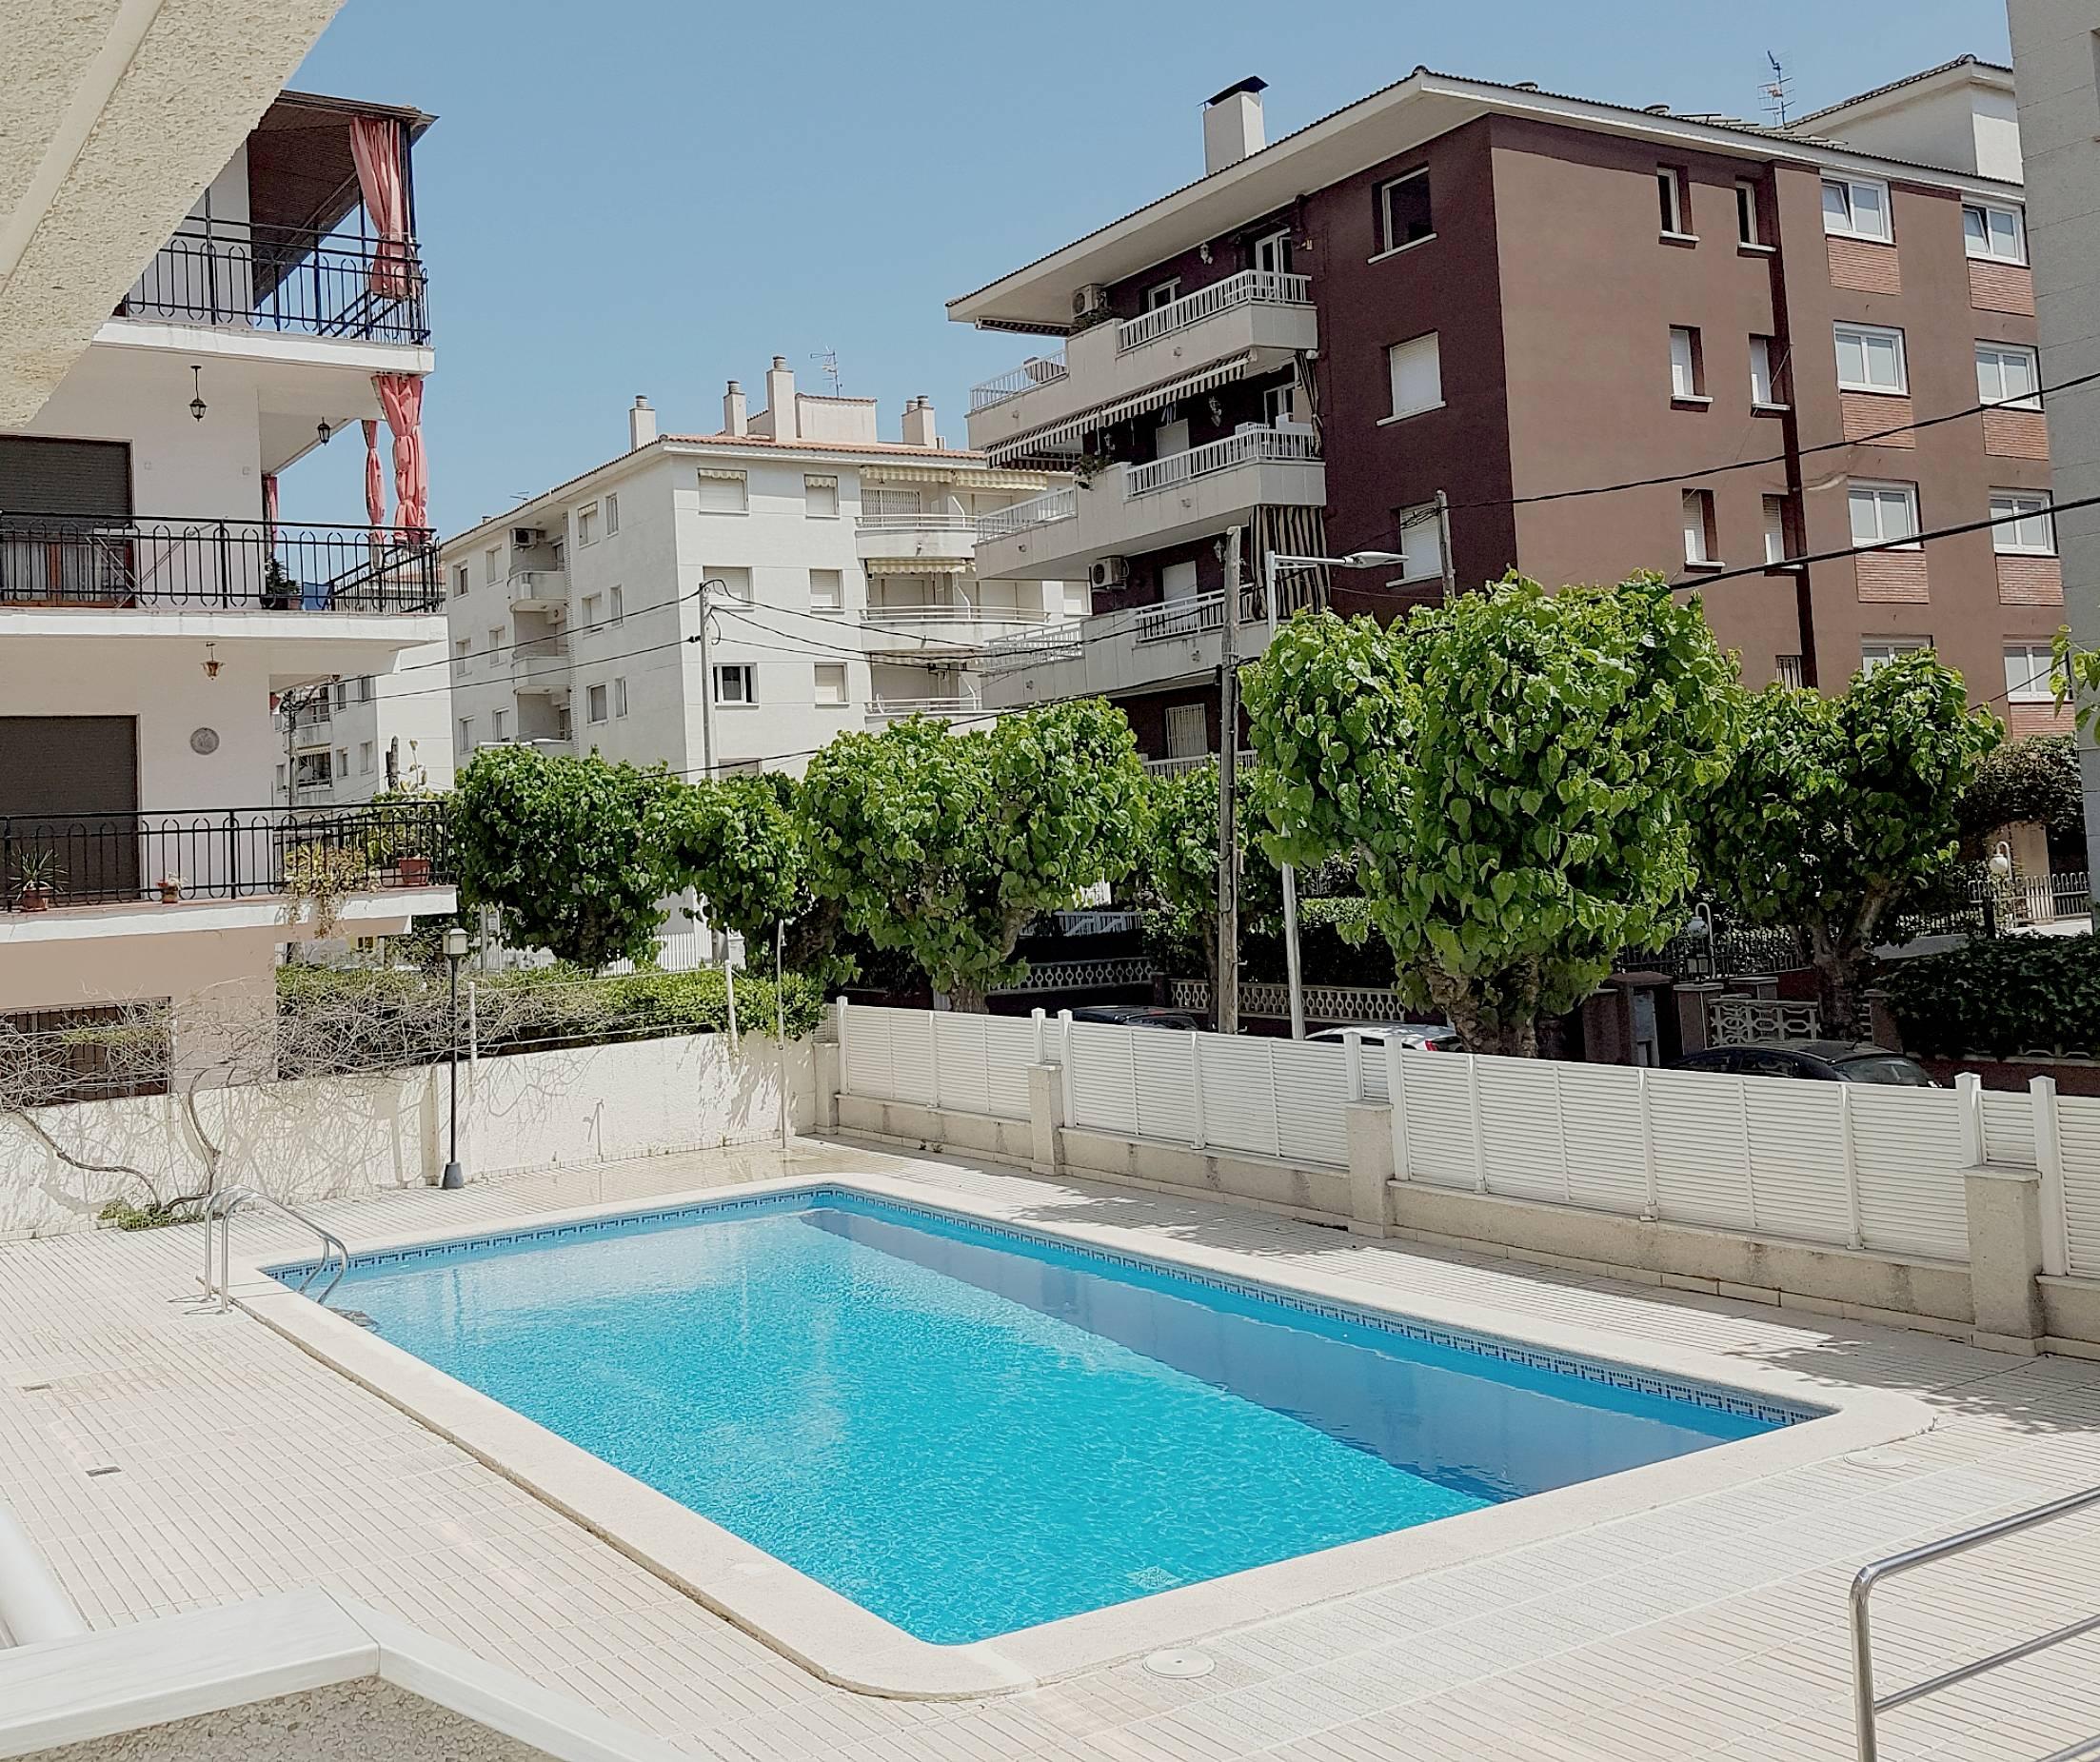 Apartamento En Venta En Segur De Calafell: Apartamento En 2ª Linea Del Paseo Marítimo